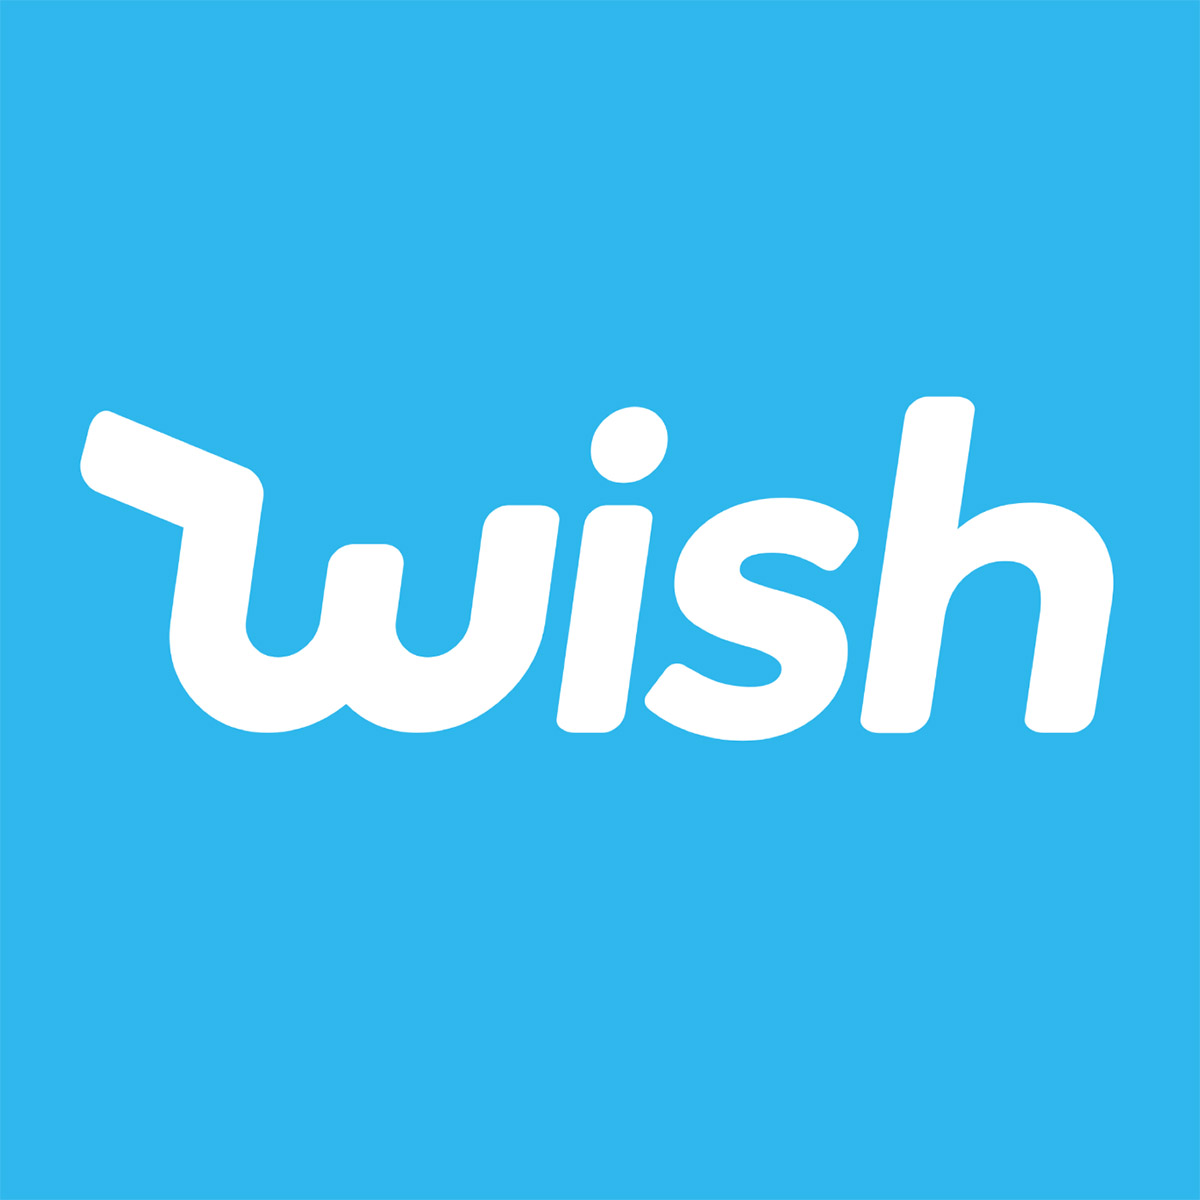 Recopilamos opiniones de nuestros lectores de la experiencia de comprar en Wish